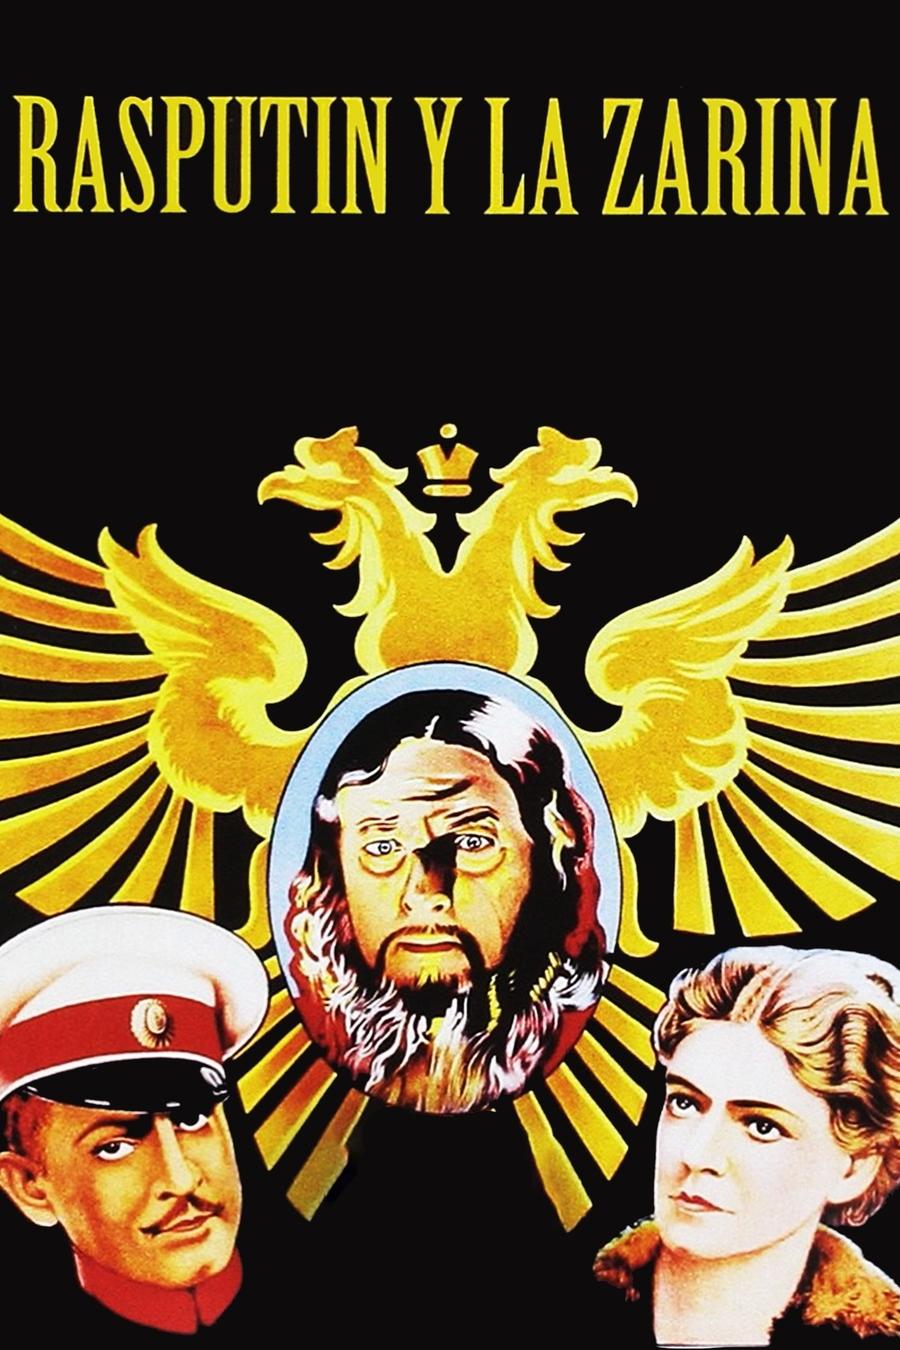 Rasputín y la zarina